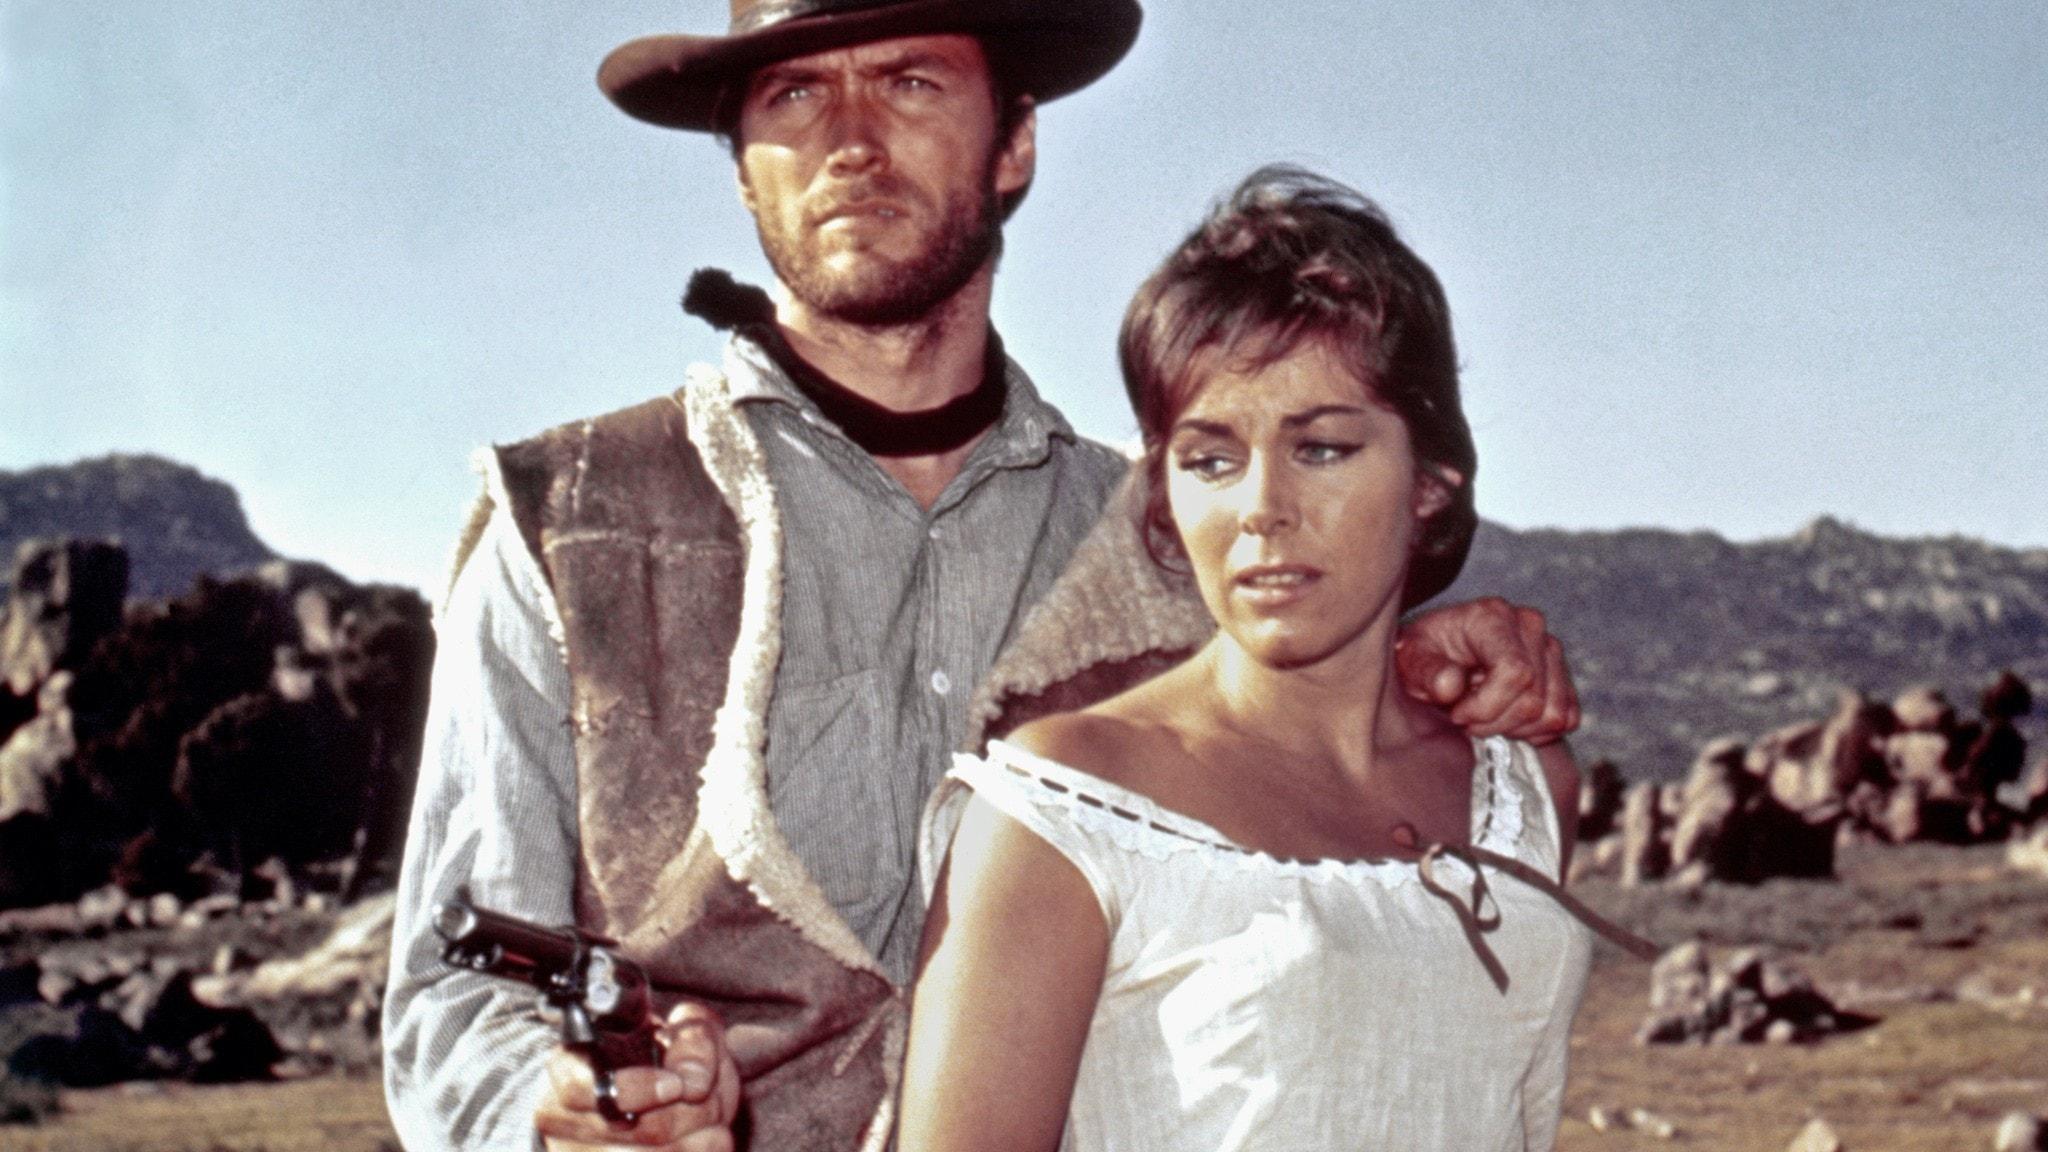 """Clint_Eastwood och Marianne Koch i """"A_Fistful_of_Dollars"""" (1964)"""